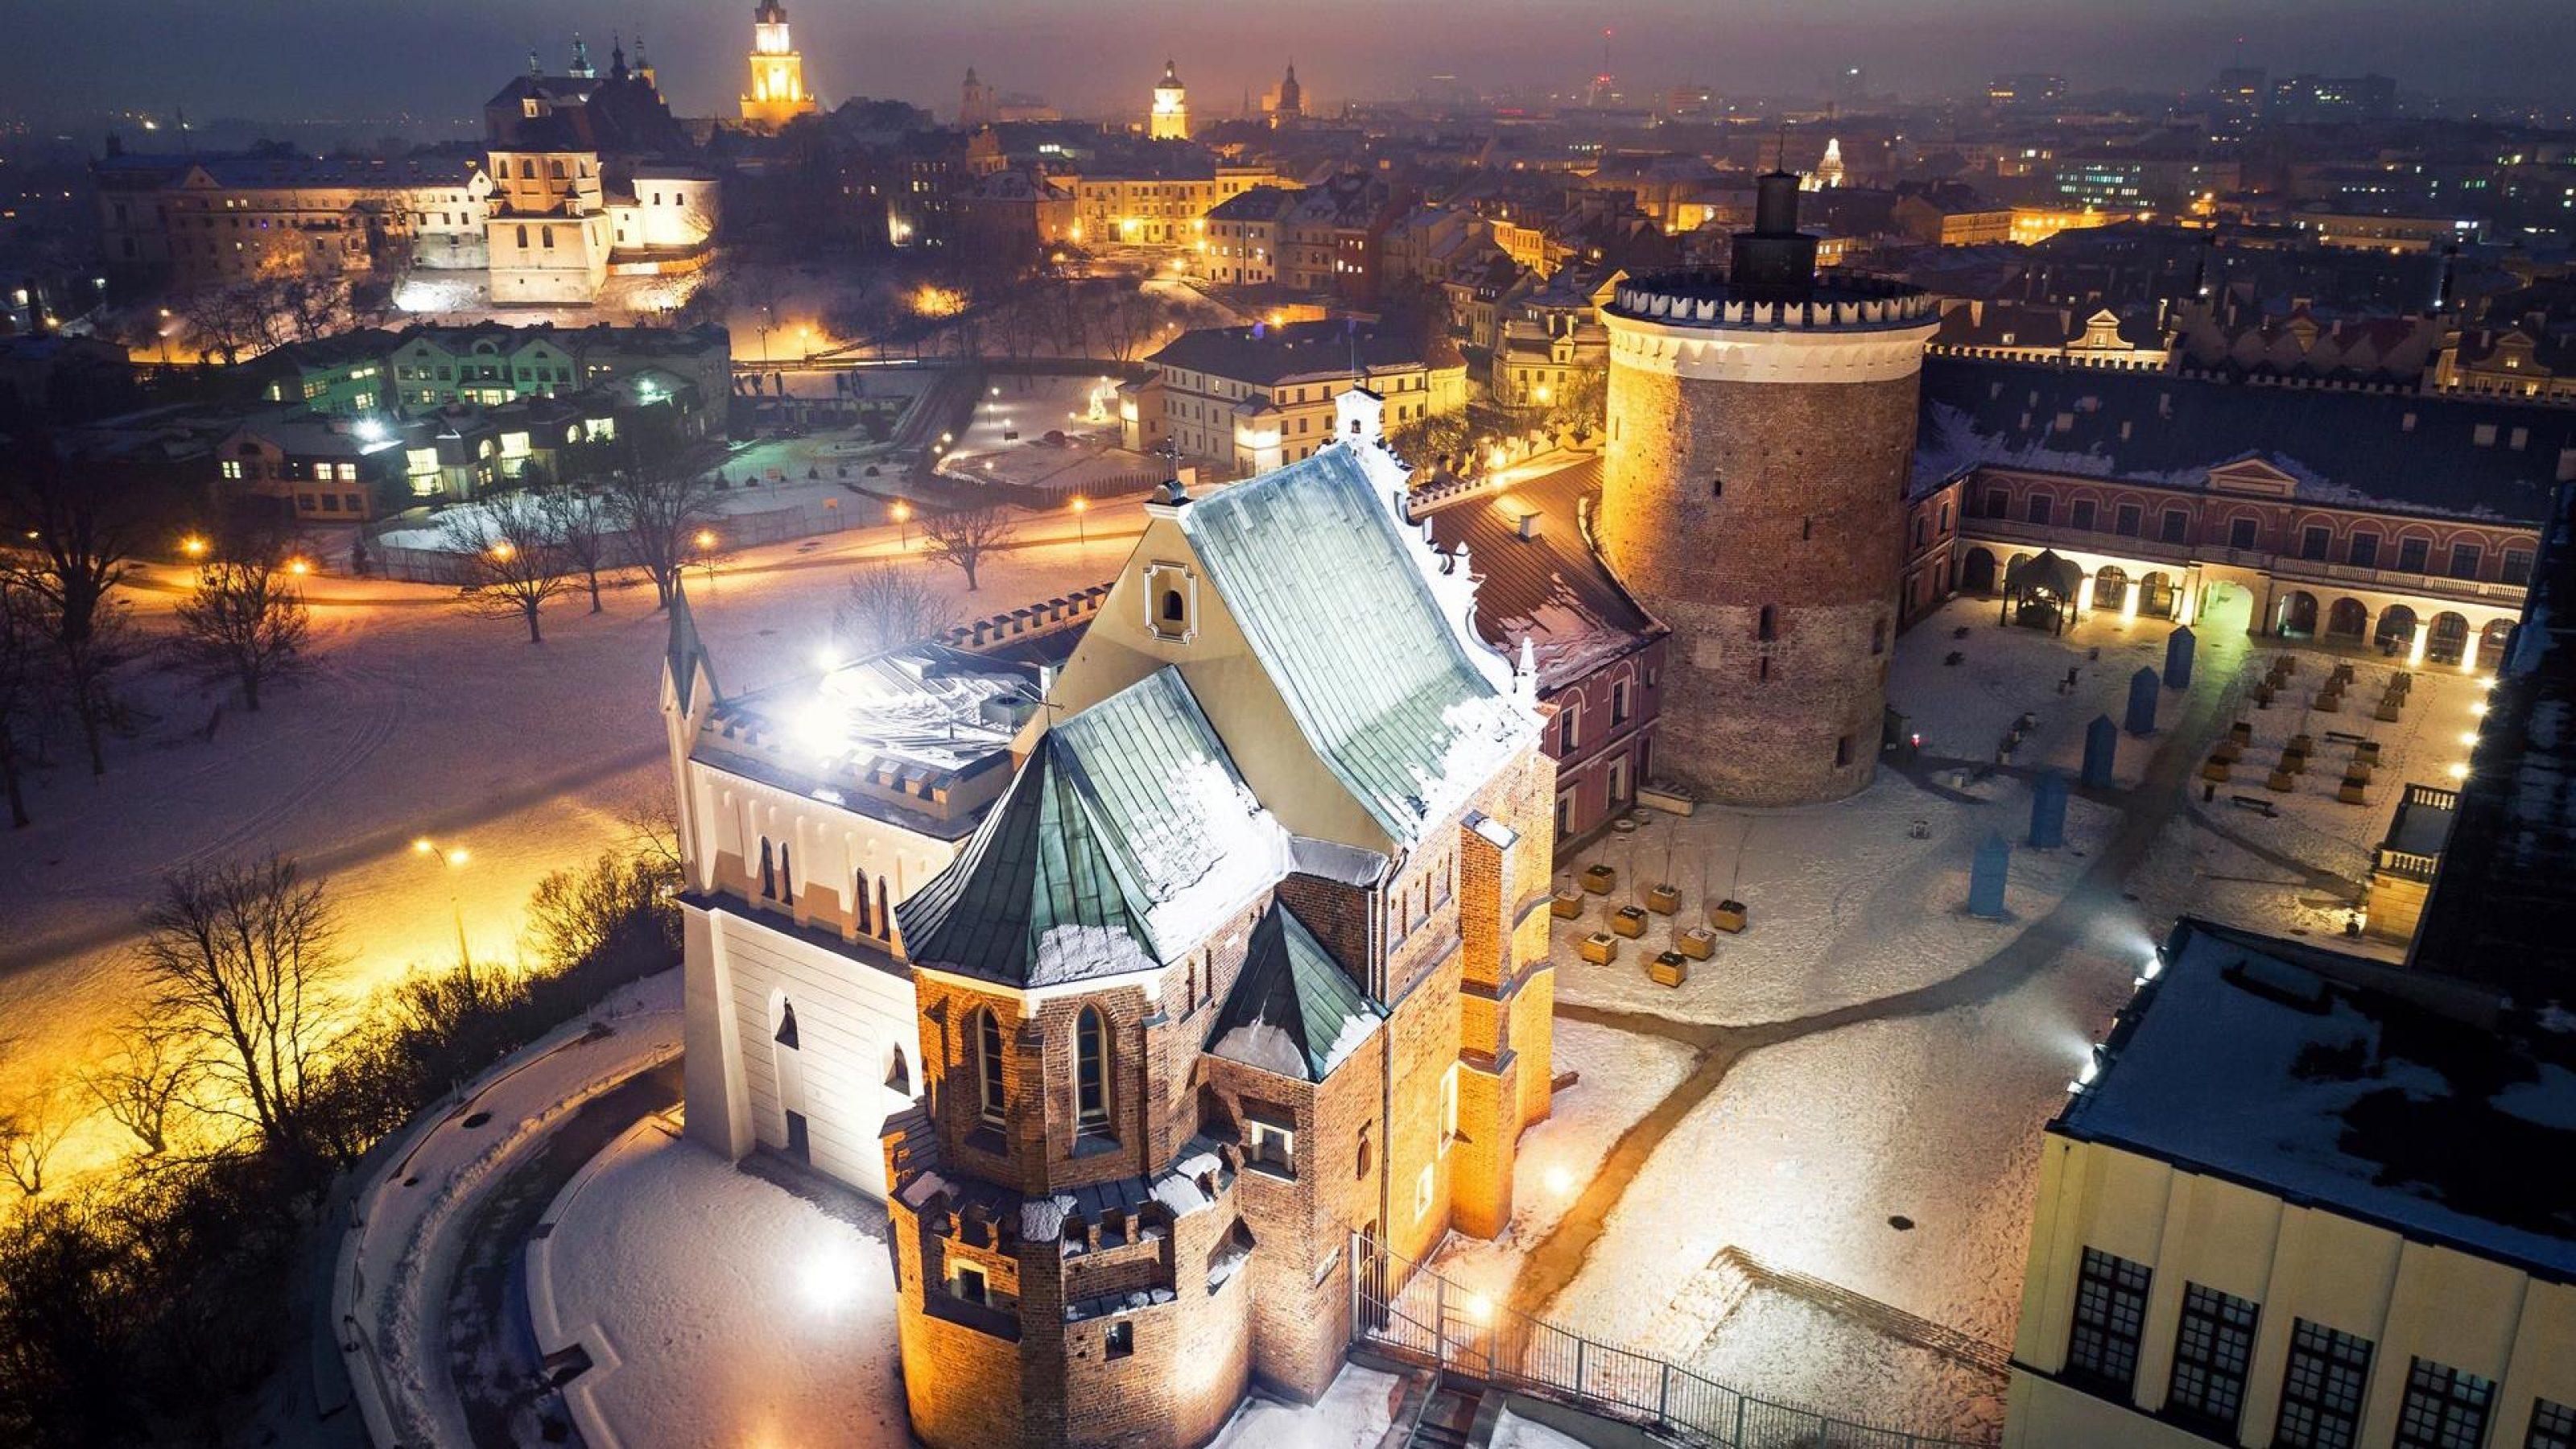 Lublin-miasto-zdjecia-z-drona-lotnicze-MarcinTarkowski-piximo-03